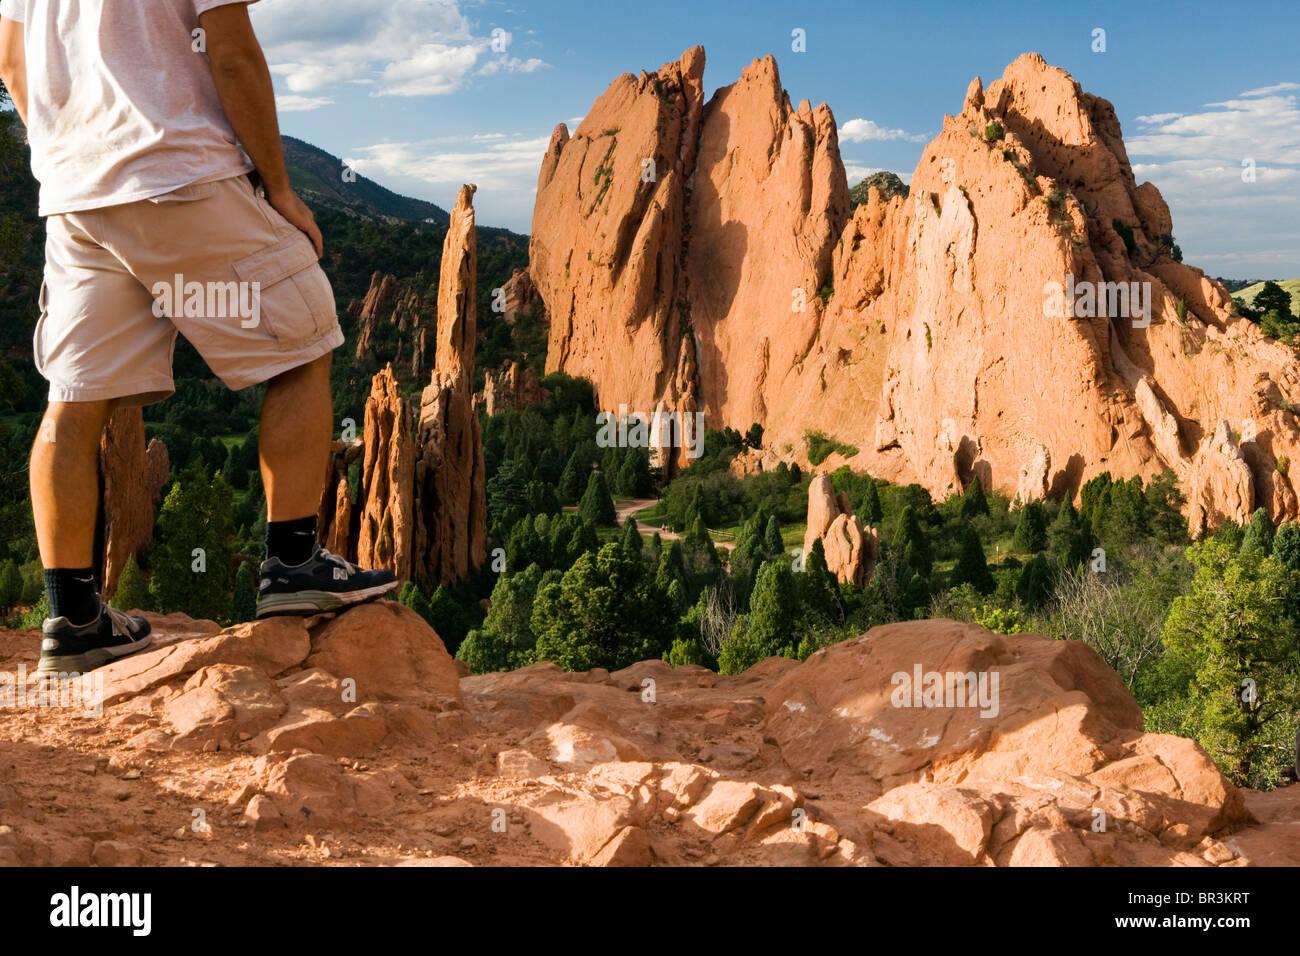 Person in Garden of the Gods Landscape - Colorado Springs, Colorado USA - Stock Image